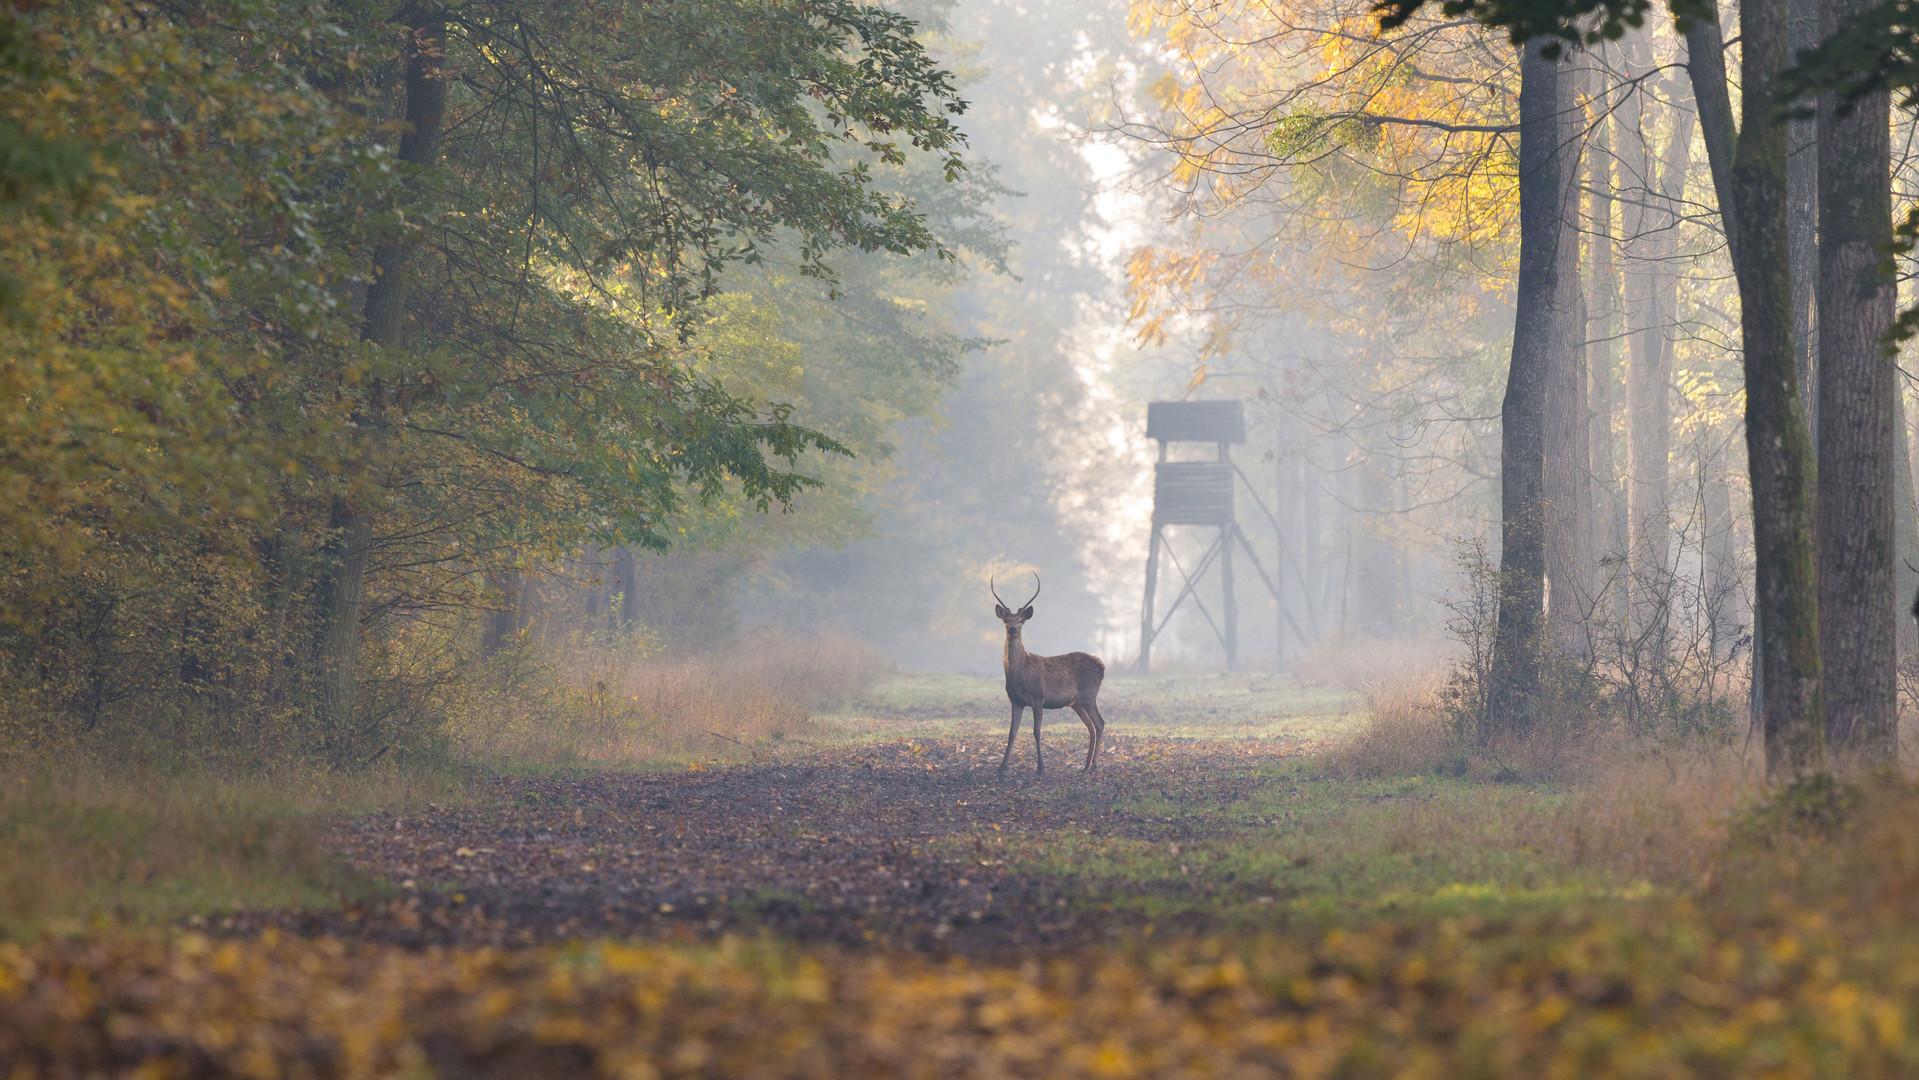 Buck-in-Fog-iStock-508297106.jpg